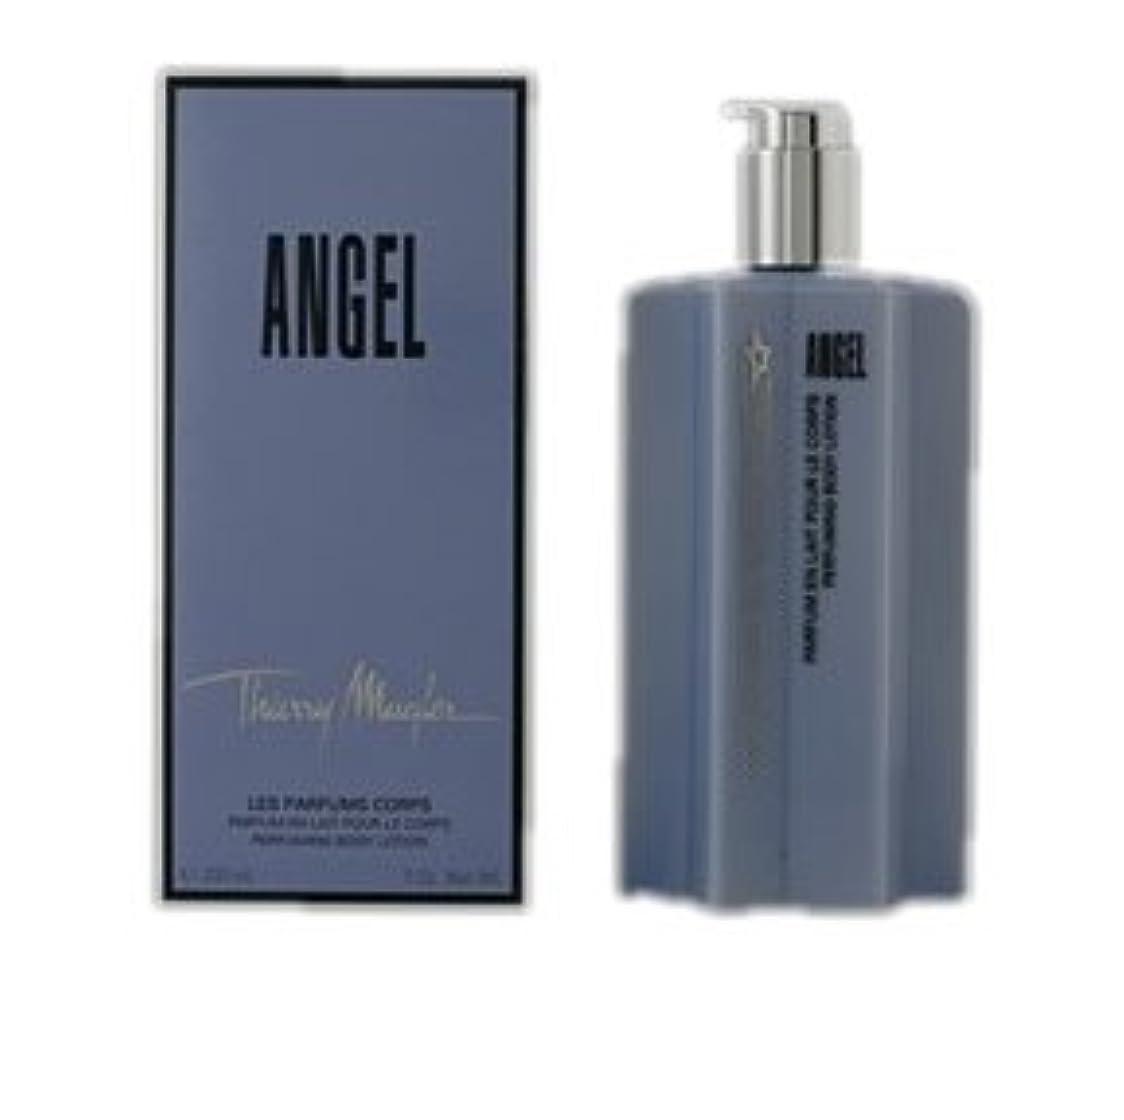 拍車気まぐれな伝導率Thierry Mugler Angel Perfuming Body Lotion 200ml [並行輸入品]